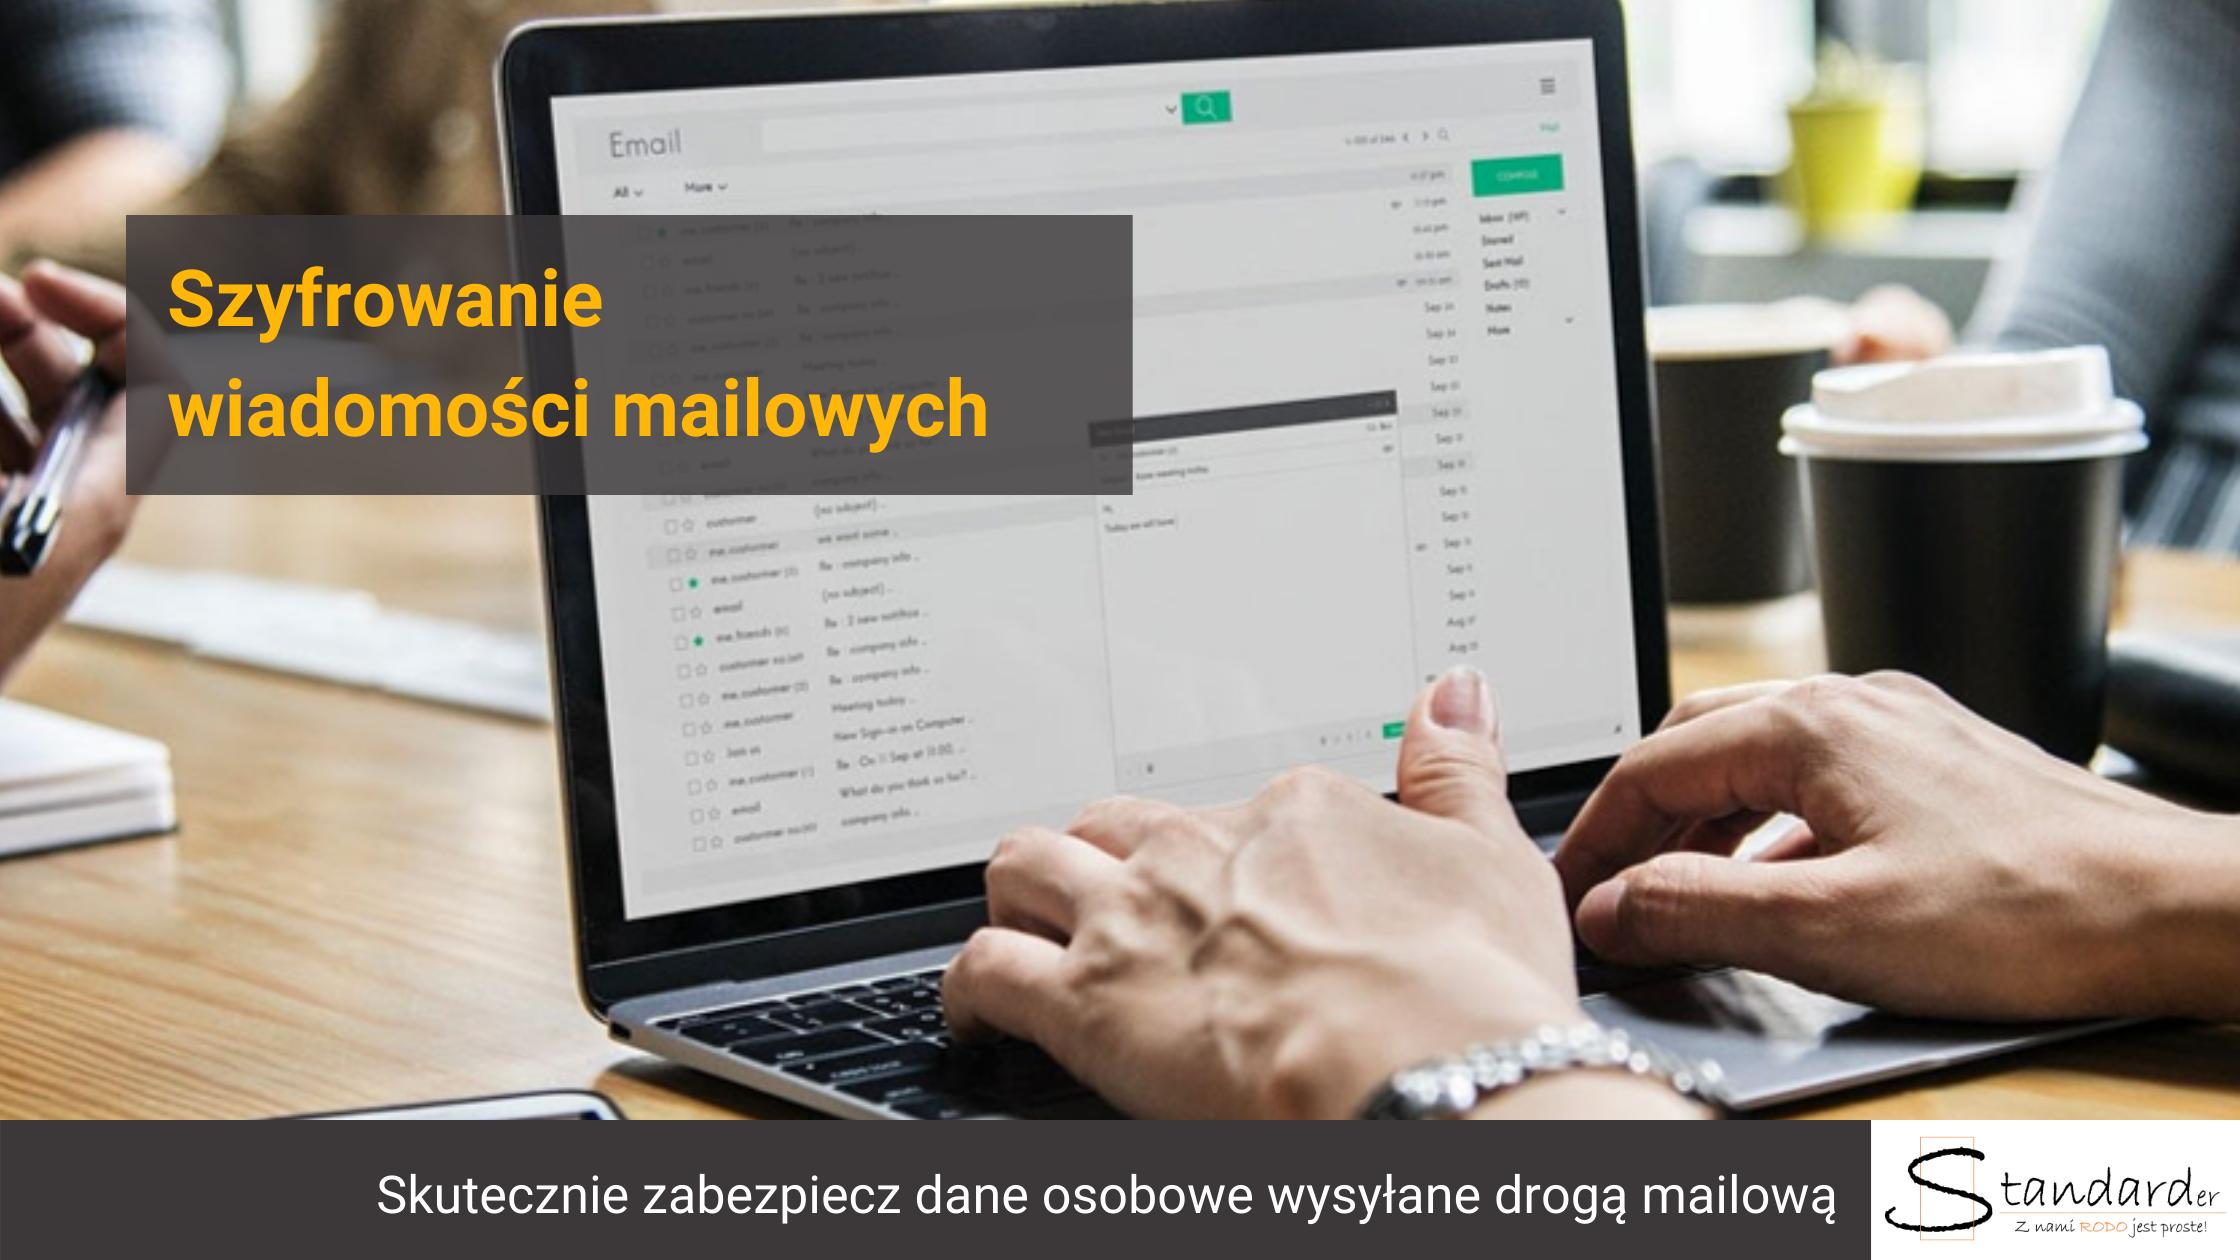 szyfrowanie wiadomości mailowych